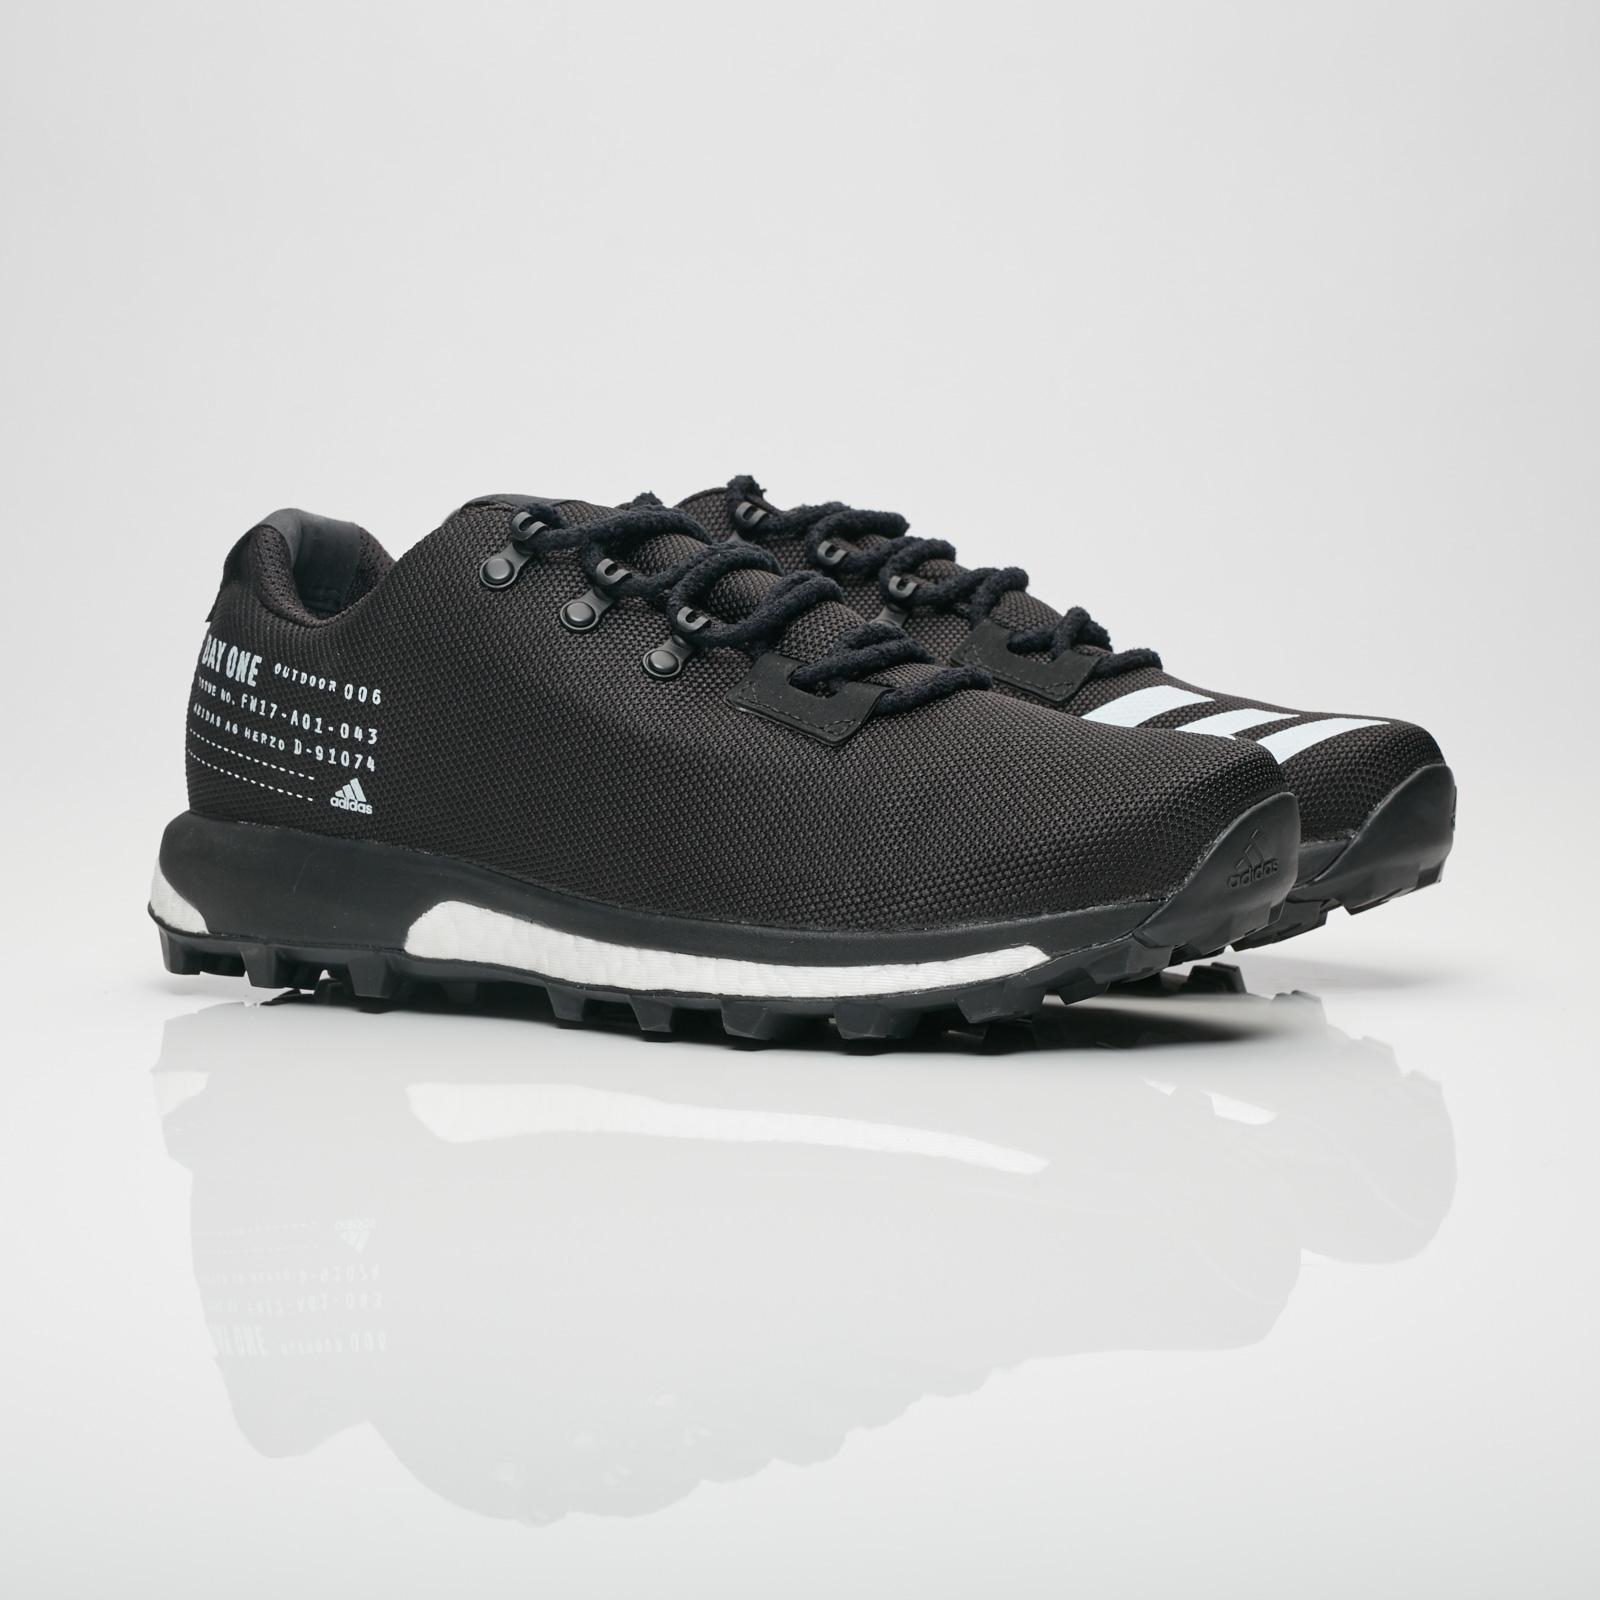 reputable site 339c4 b18aa adidas Consortium ADO Terrex Agravic